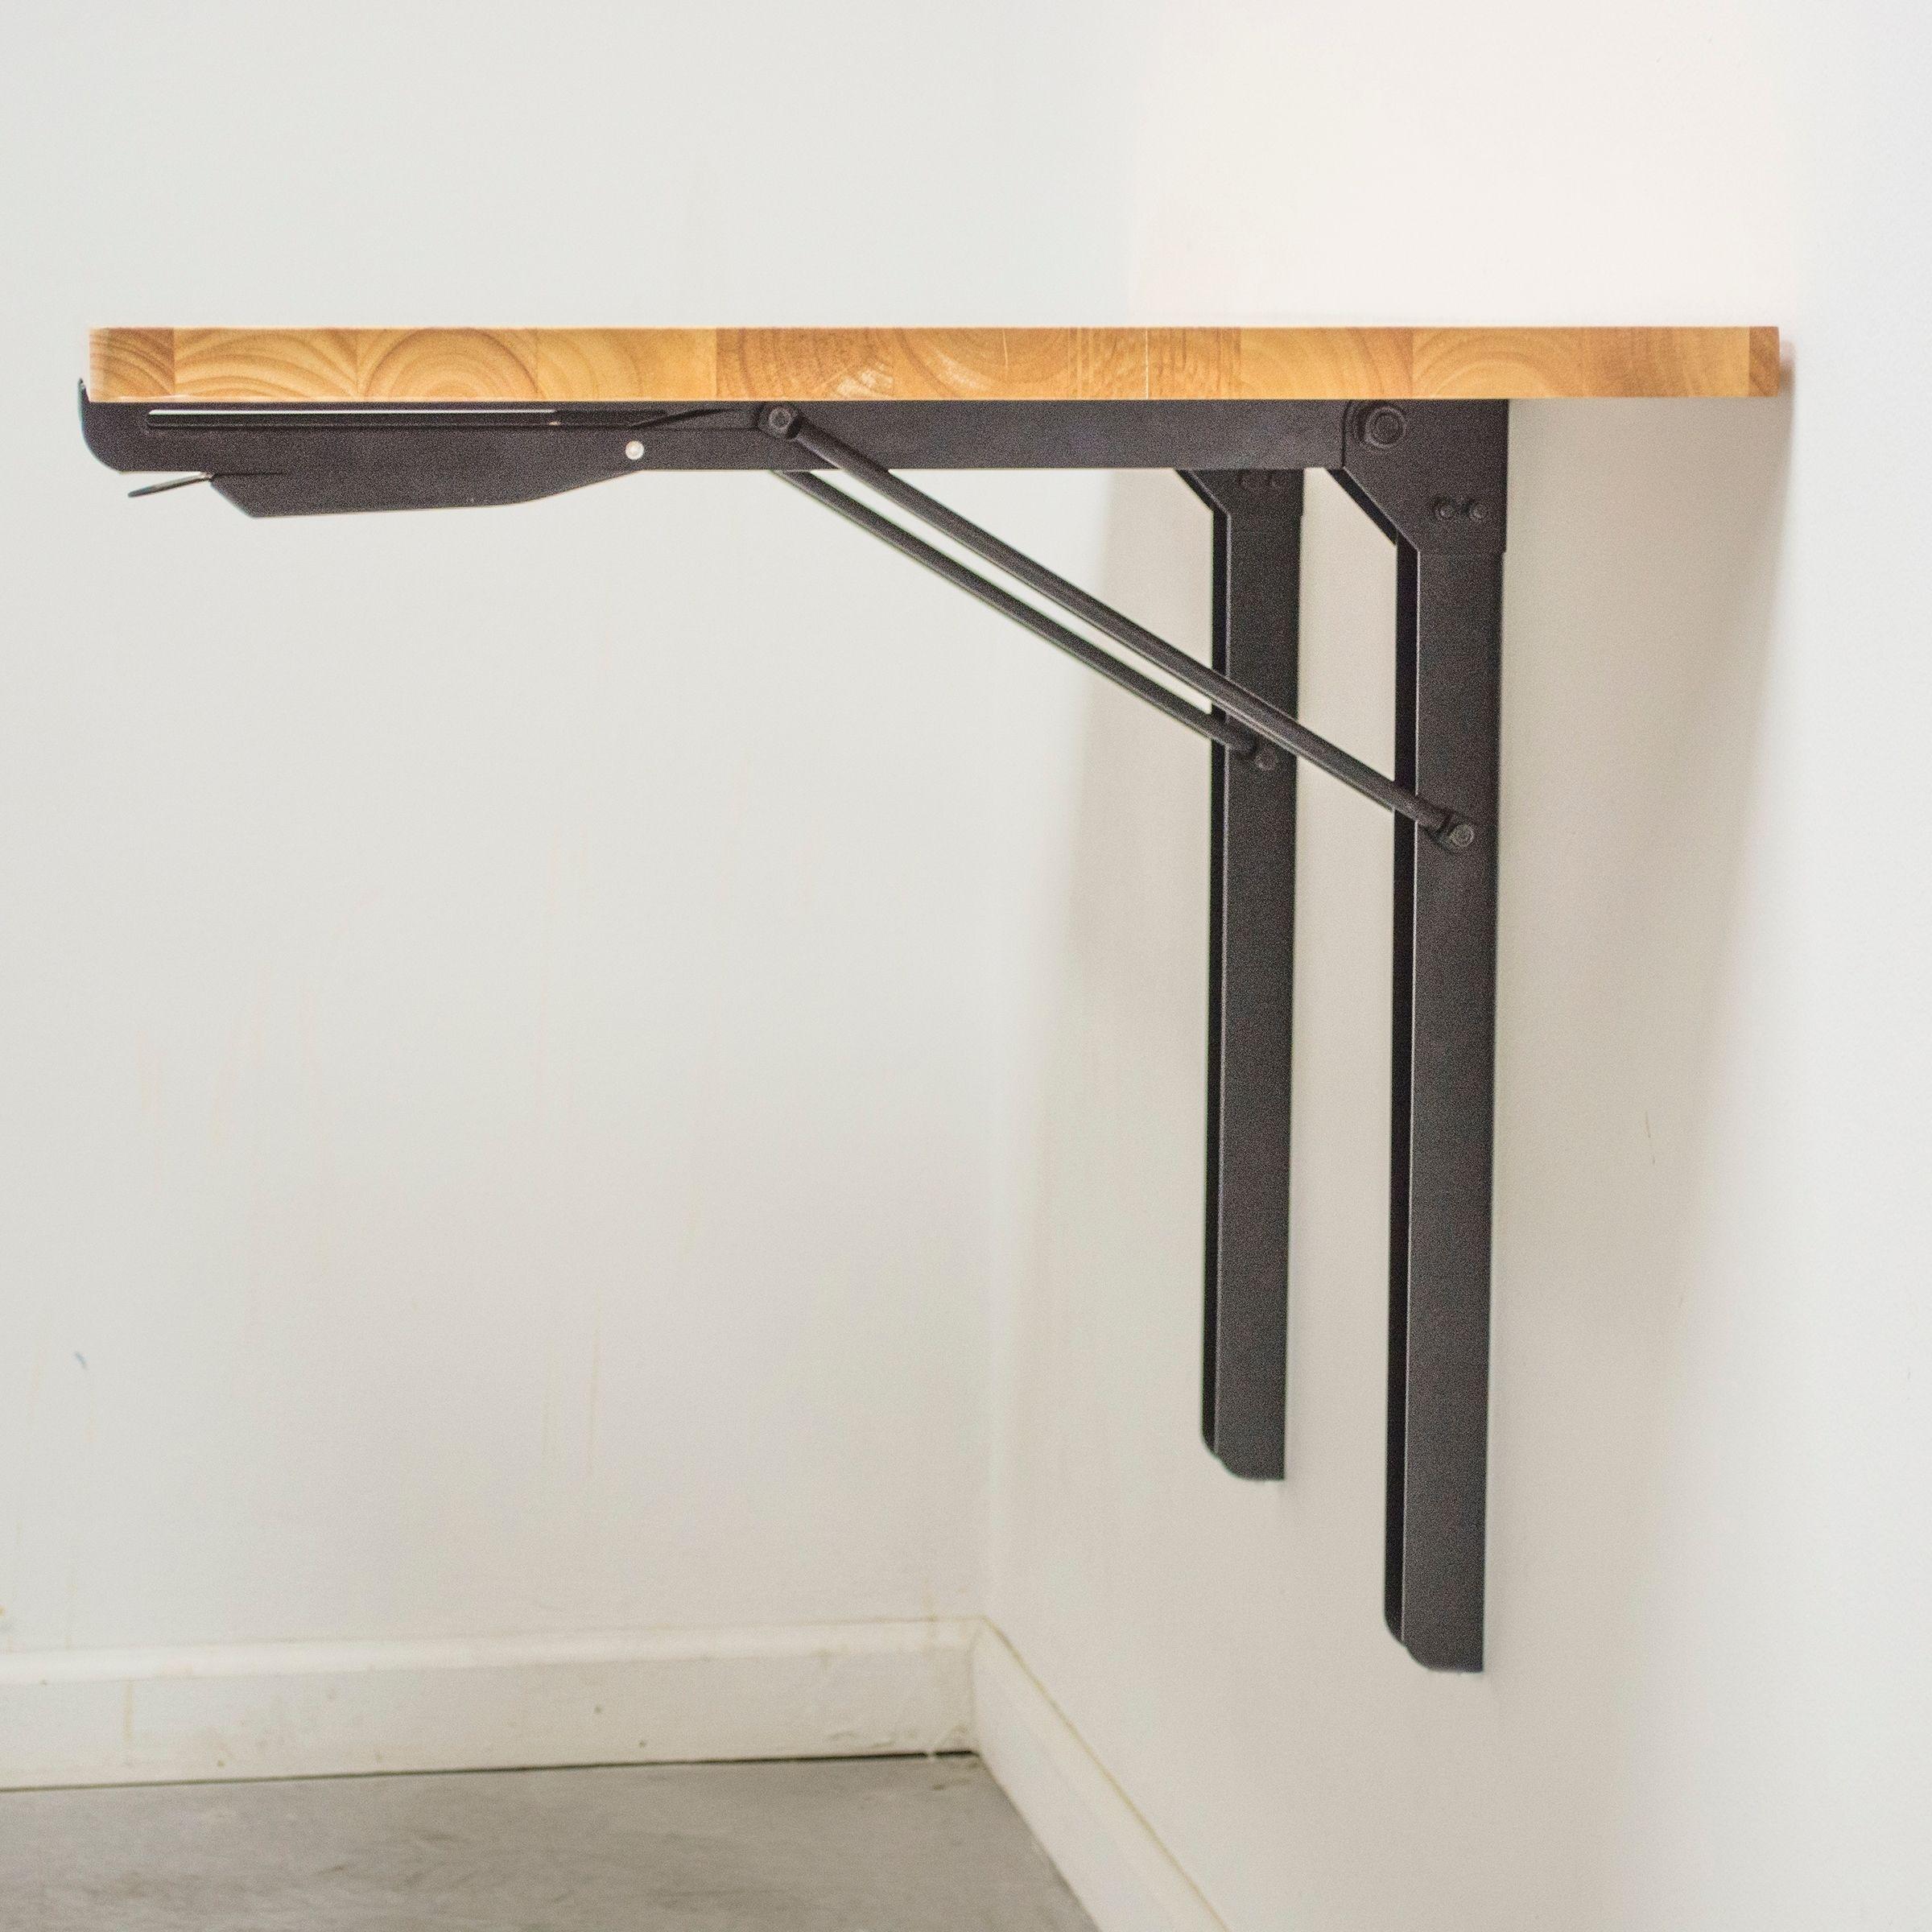 Folding Work Bench Folding Workbench Workbench Wall Mounted